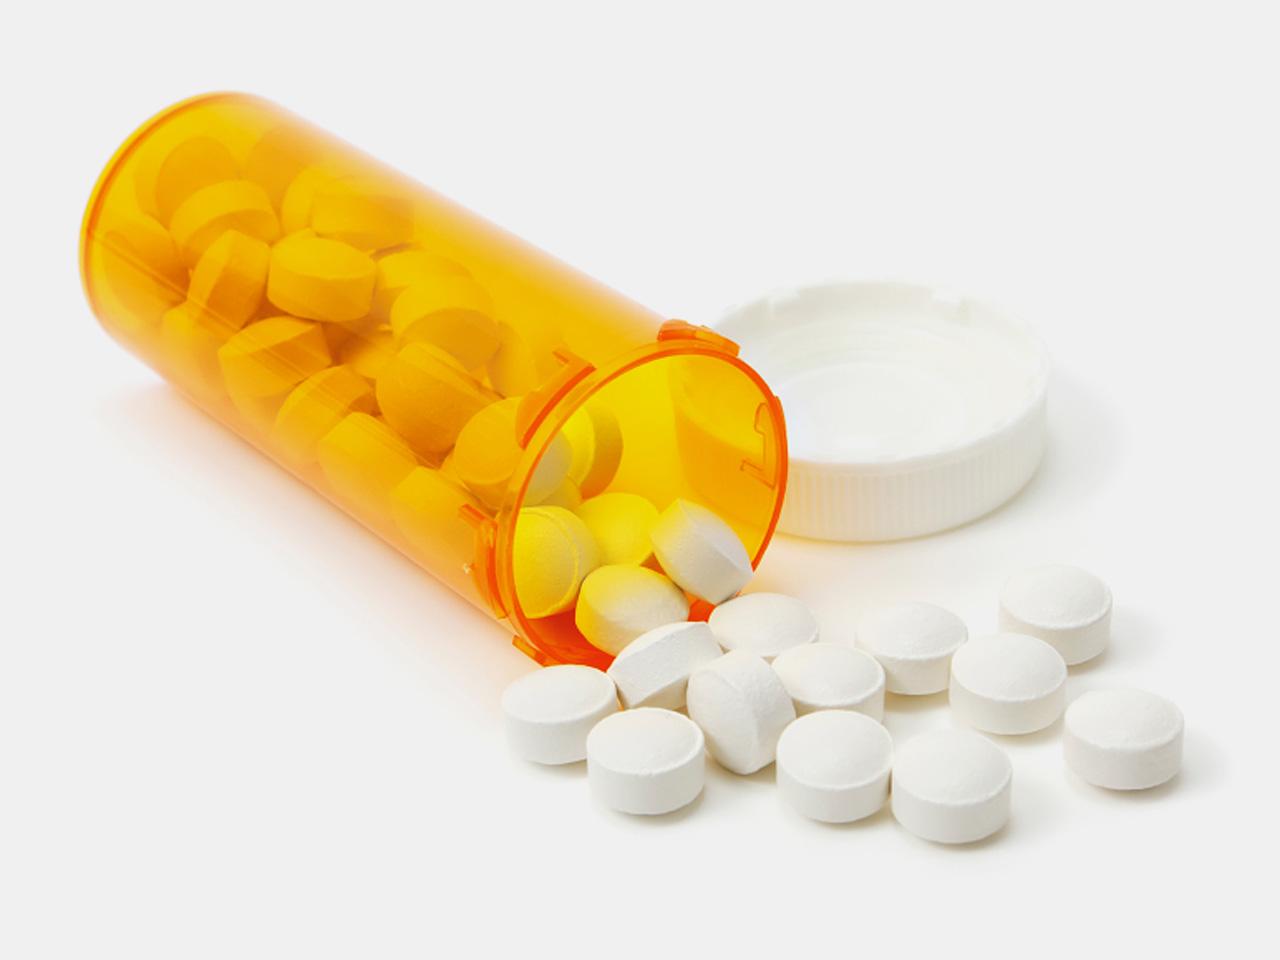 Kết hợp thuốc chống lo âu và thuốc giảm đau làm tăng độc tính